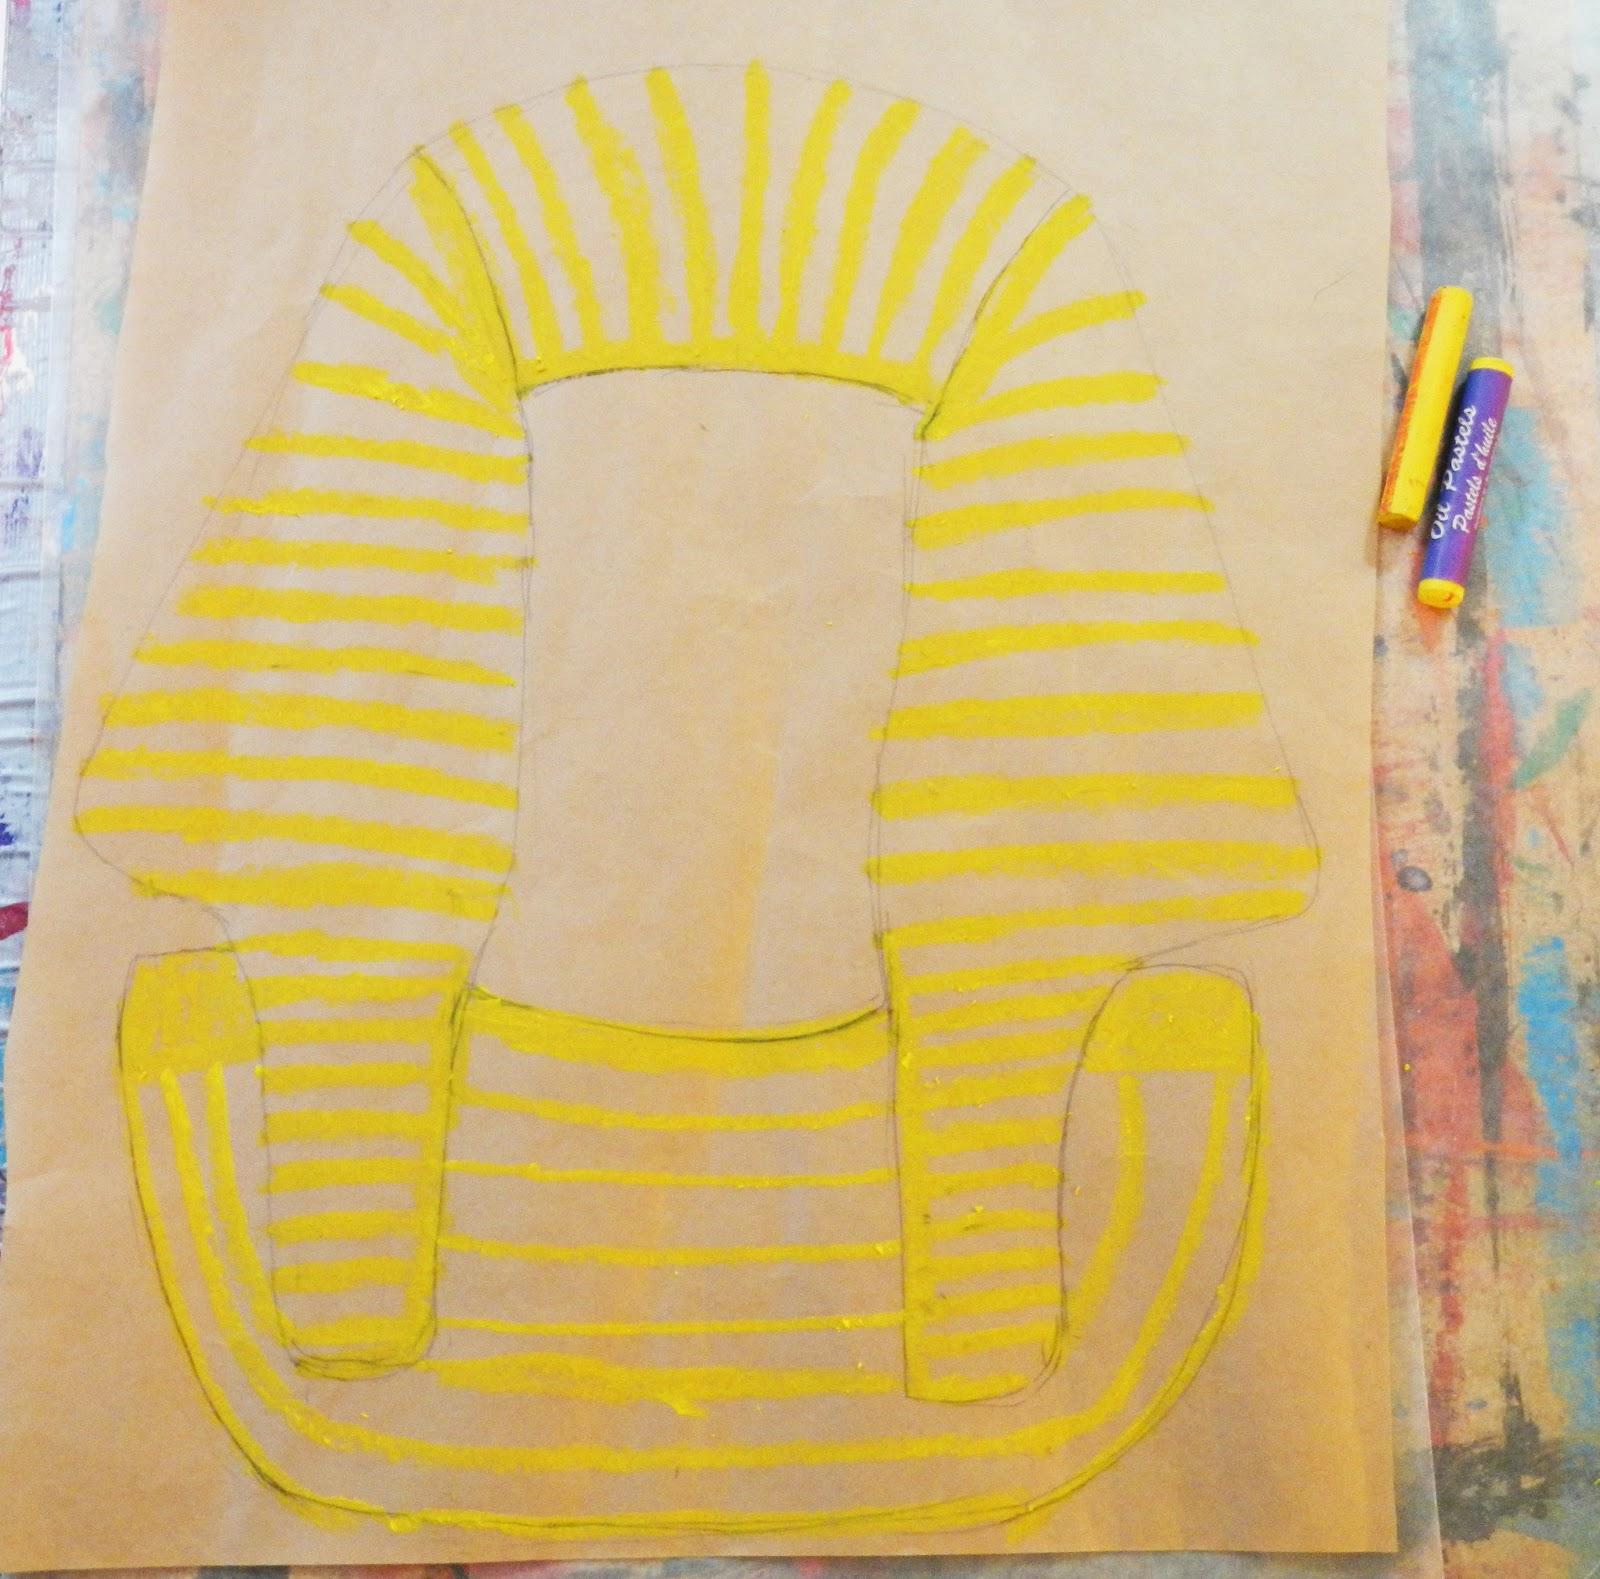 King Tut Mask Craft King tut pastel resist